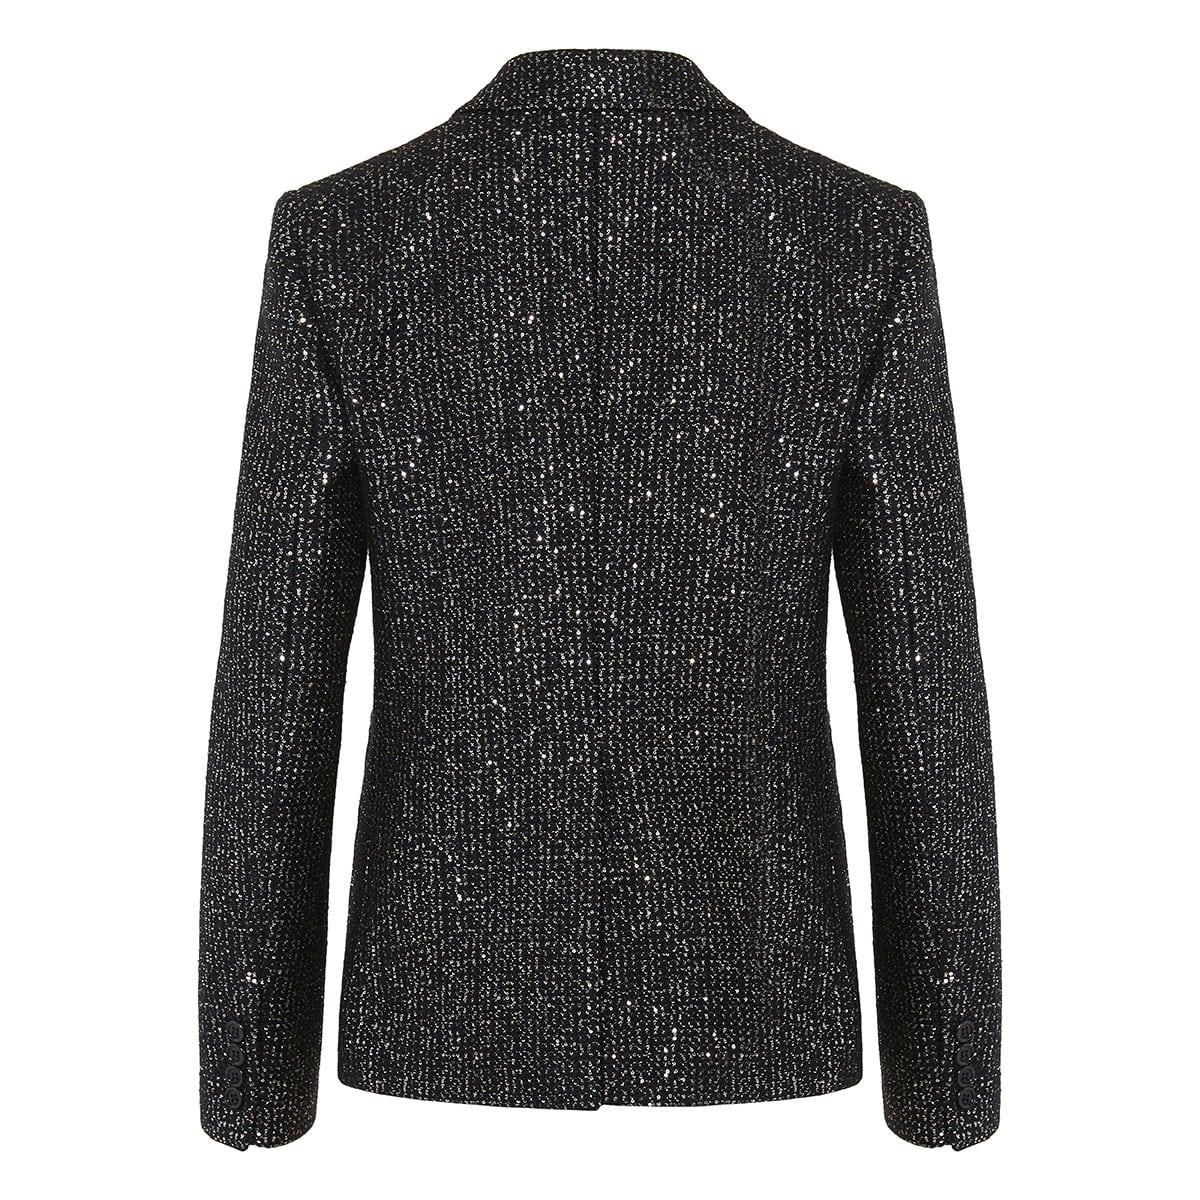 Sequin tweed blazer